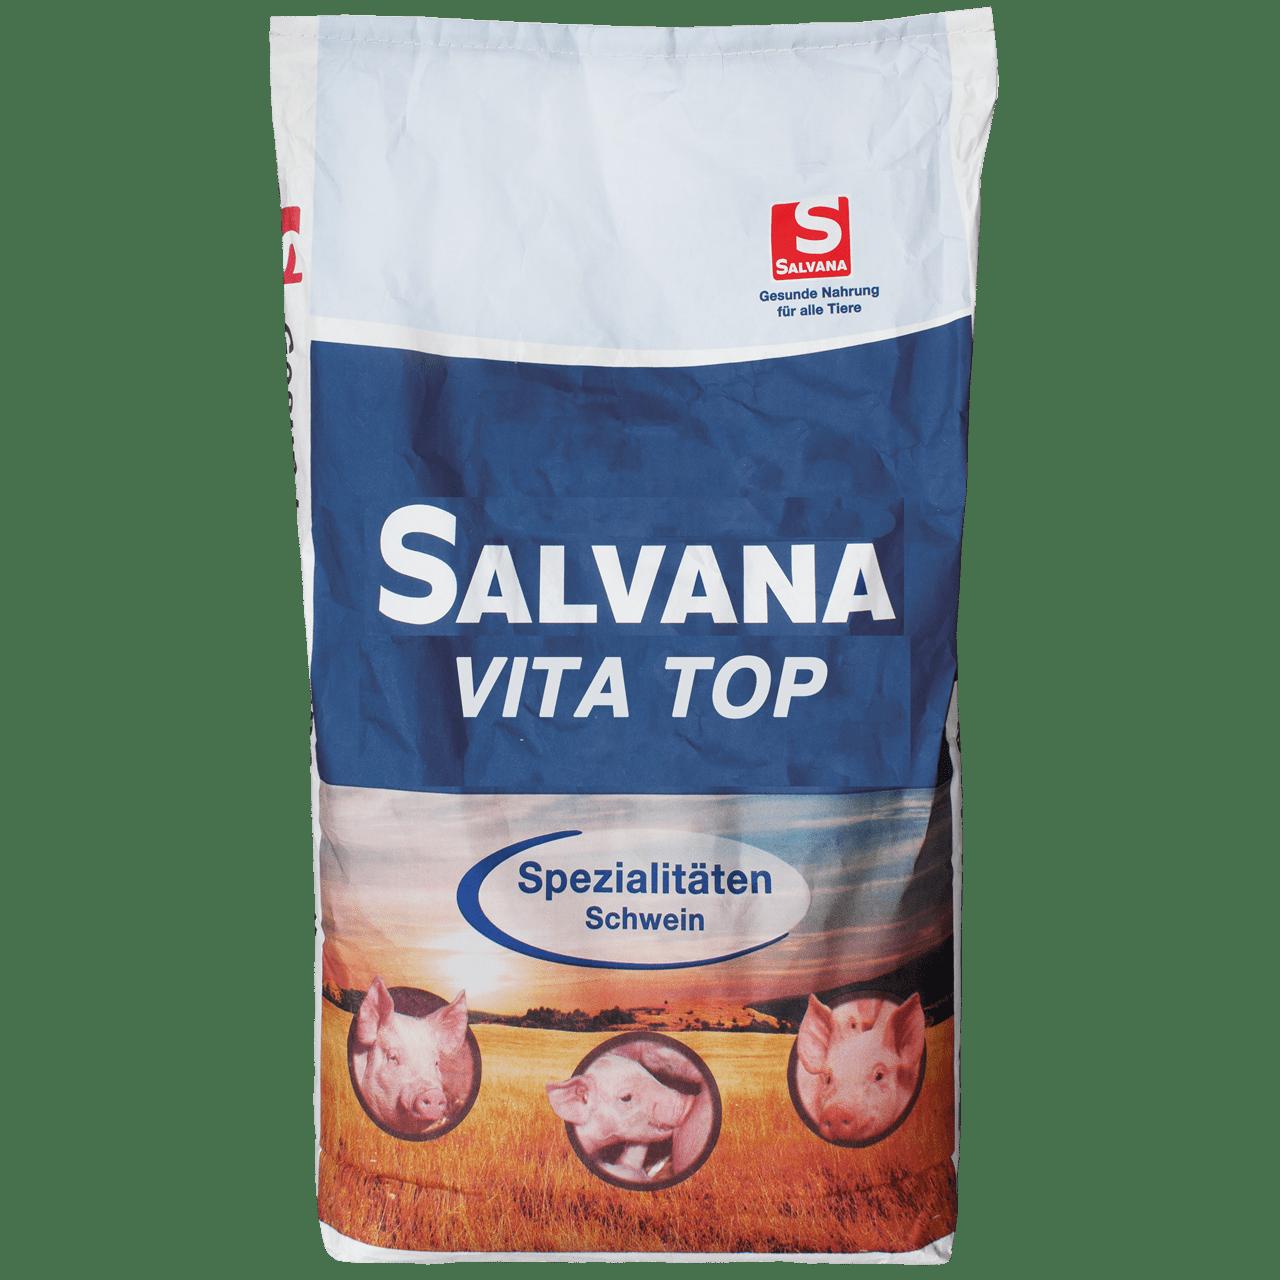 SALVANA VITA TOP